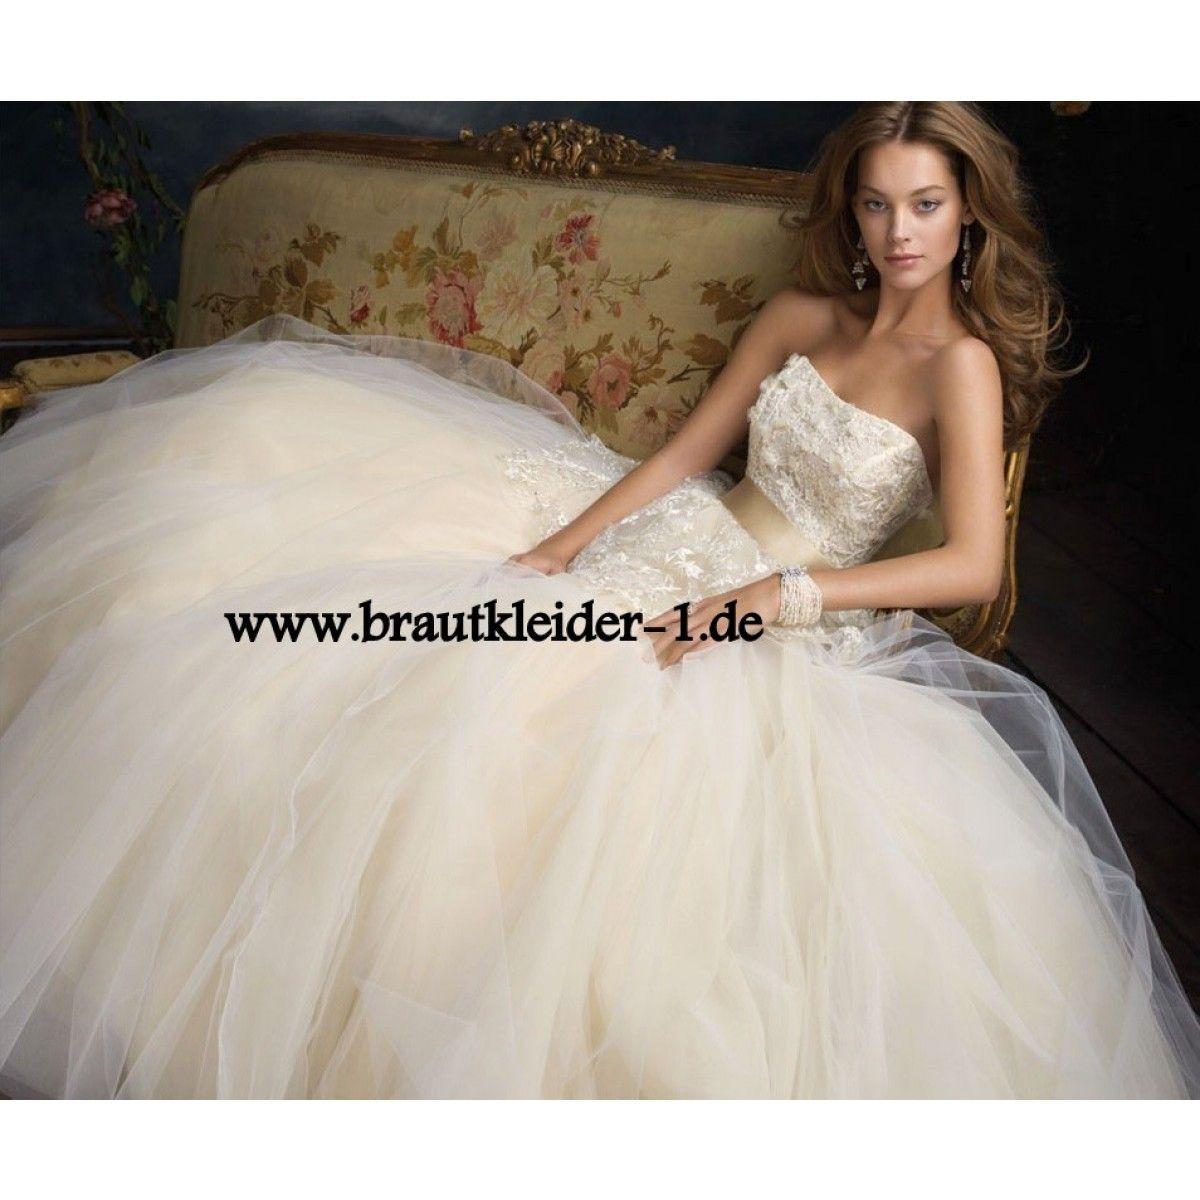 Prinzessin Brautkleid mit Tüll Rock   Wedding & Dreaming   Pinterest ...